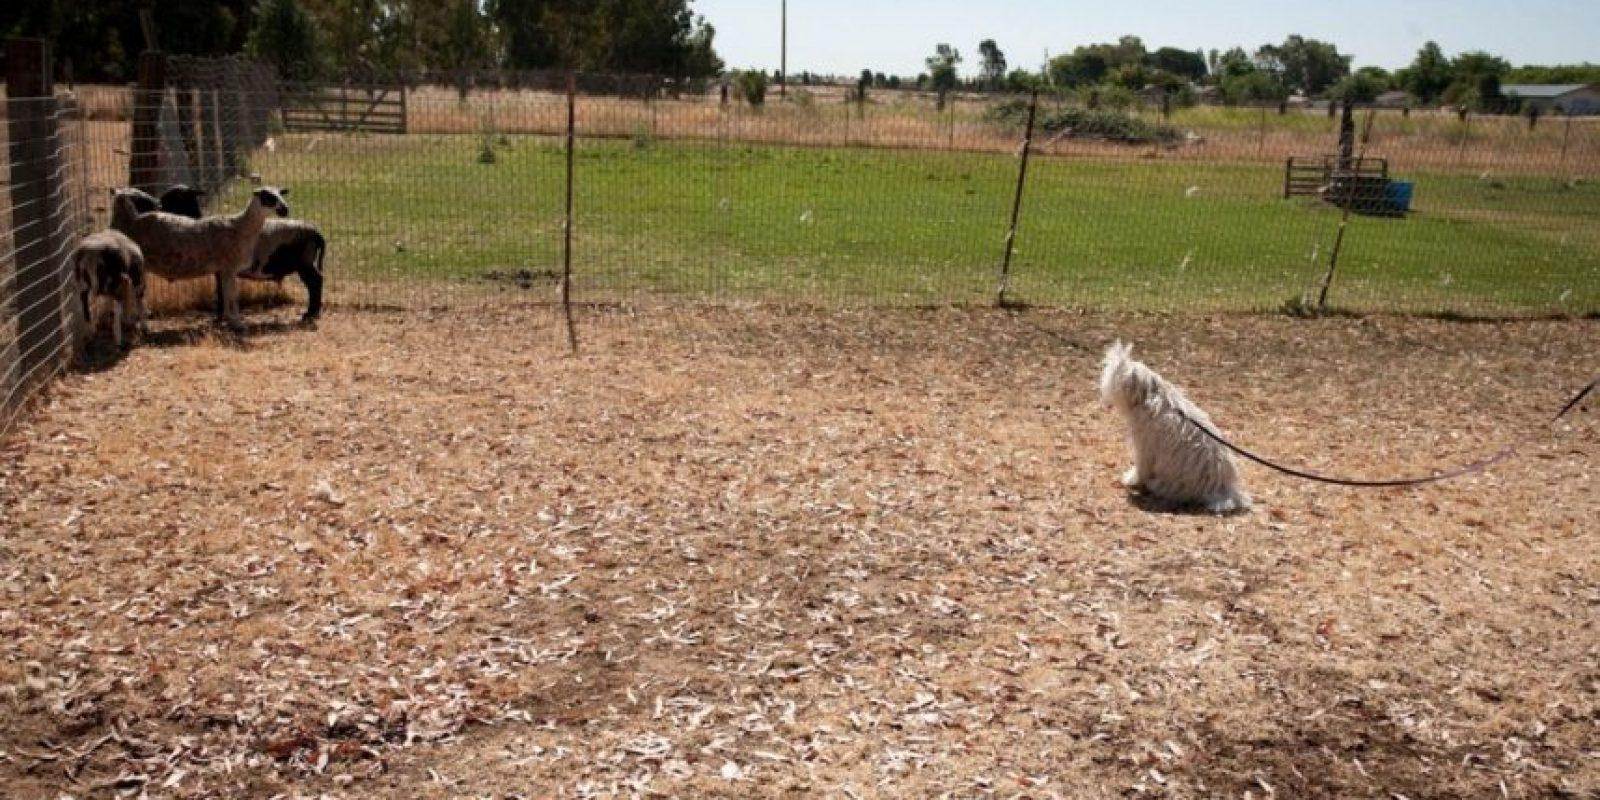 También ha estado haciendo labores de ovejero. Foto:facebook.com/beast.the.dog